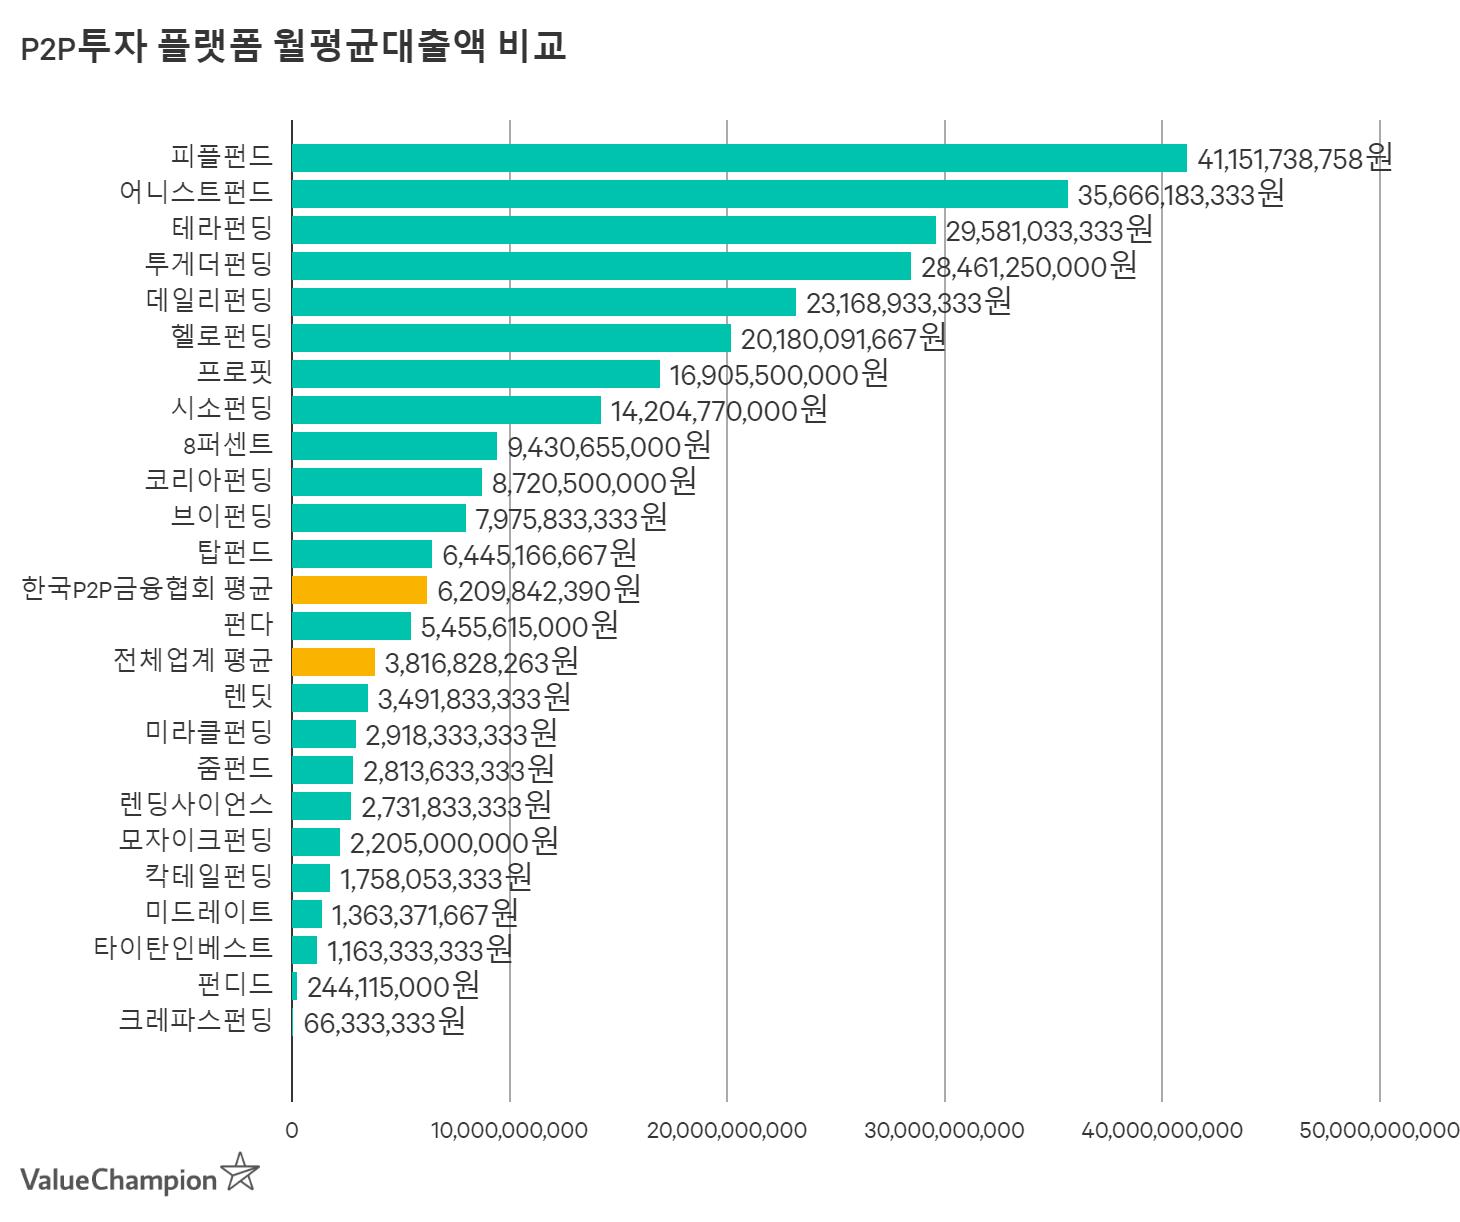 P2P투자 플랫폼 월평균대출액 비교